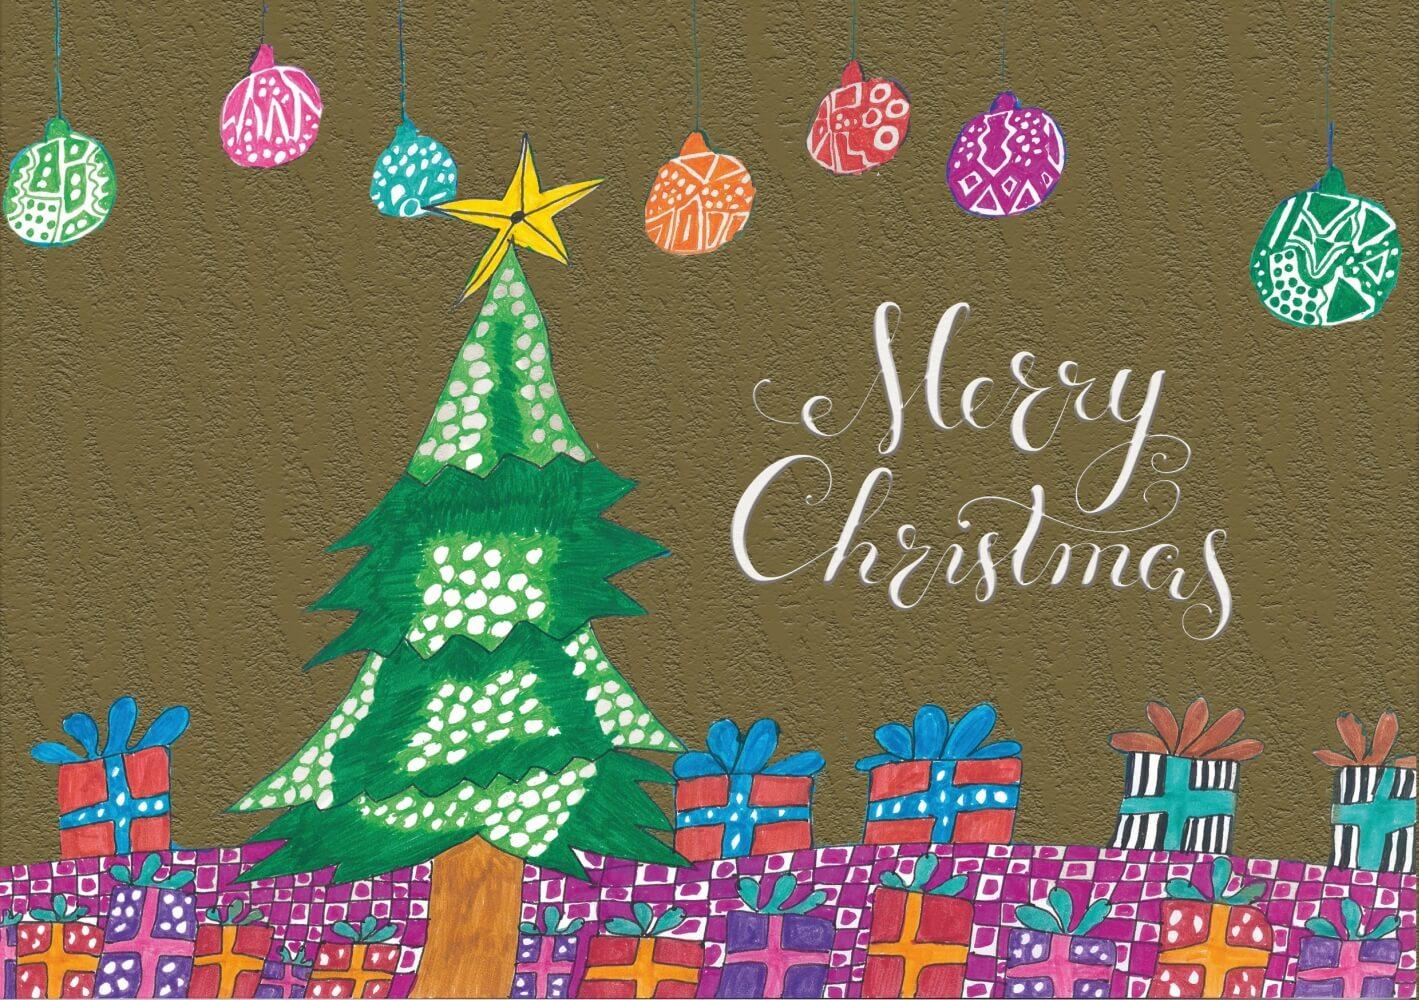 Ein Weihnachtsbaum mit großem Stern, viele Geschenke und Christbaumkugeln